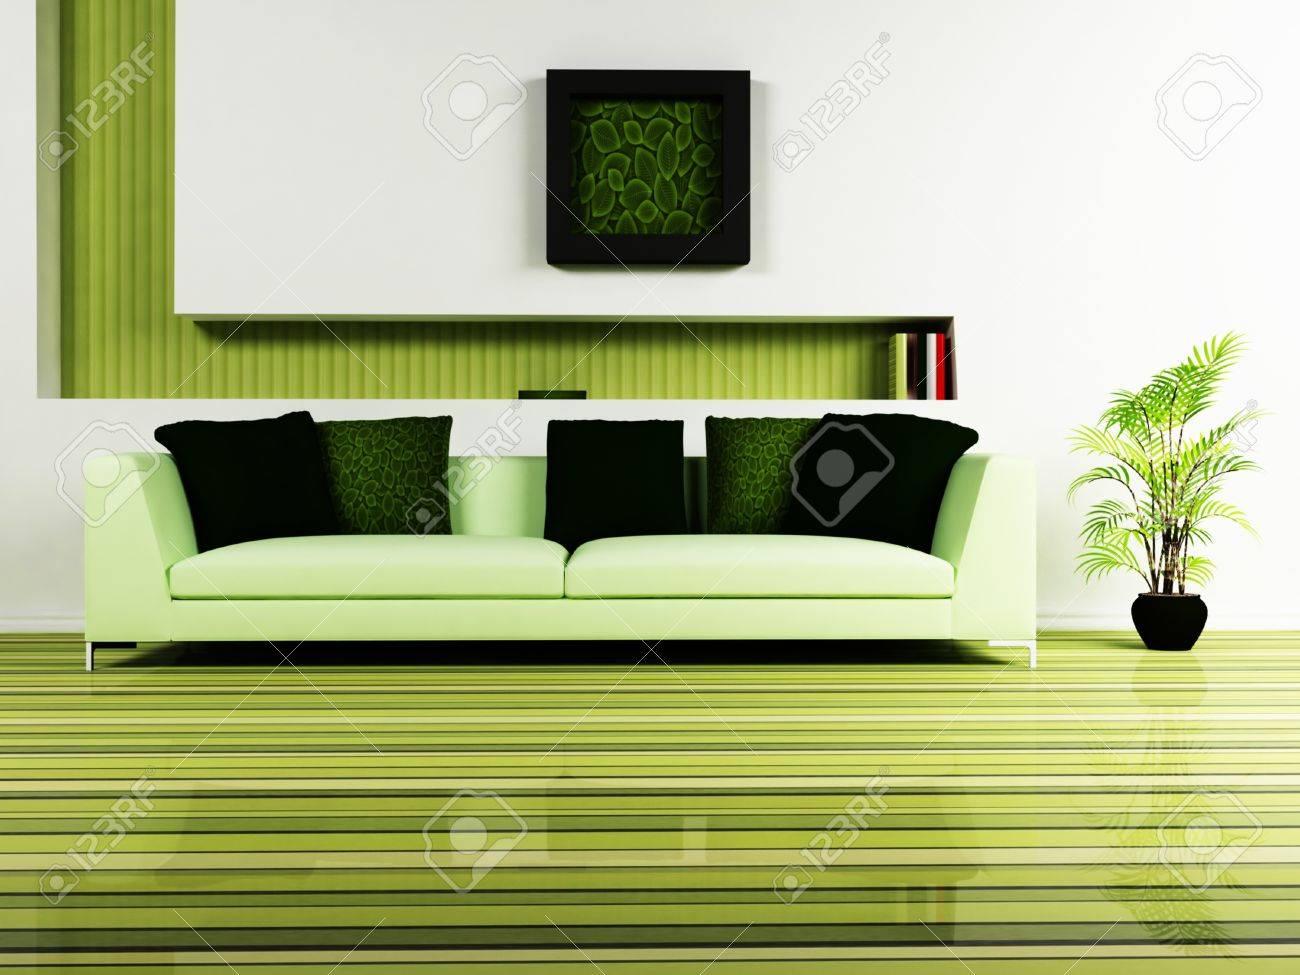 Moderne Innenarchitektur Aus Einem Wohnzimmer Mit Einem Schönen Sofa ...